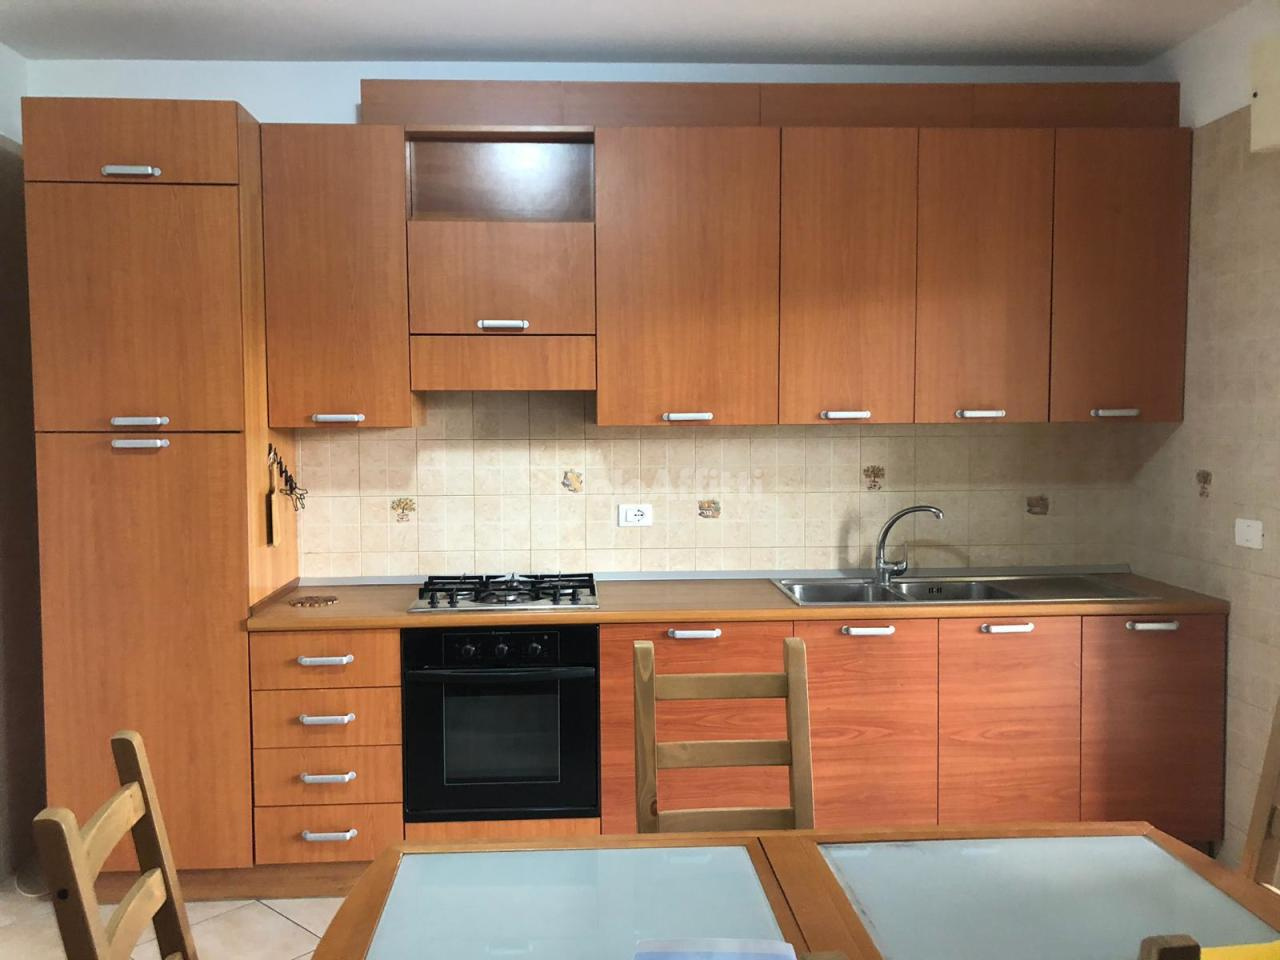 Appartamento - Quadrilocale a Tribunale Nuovo, Pescara